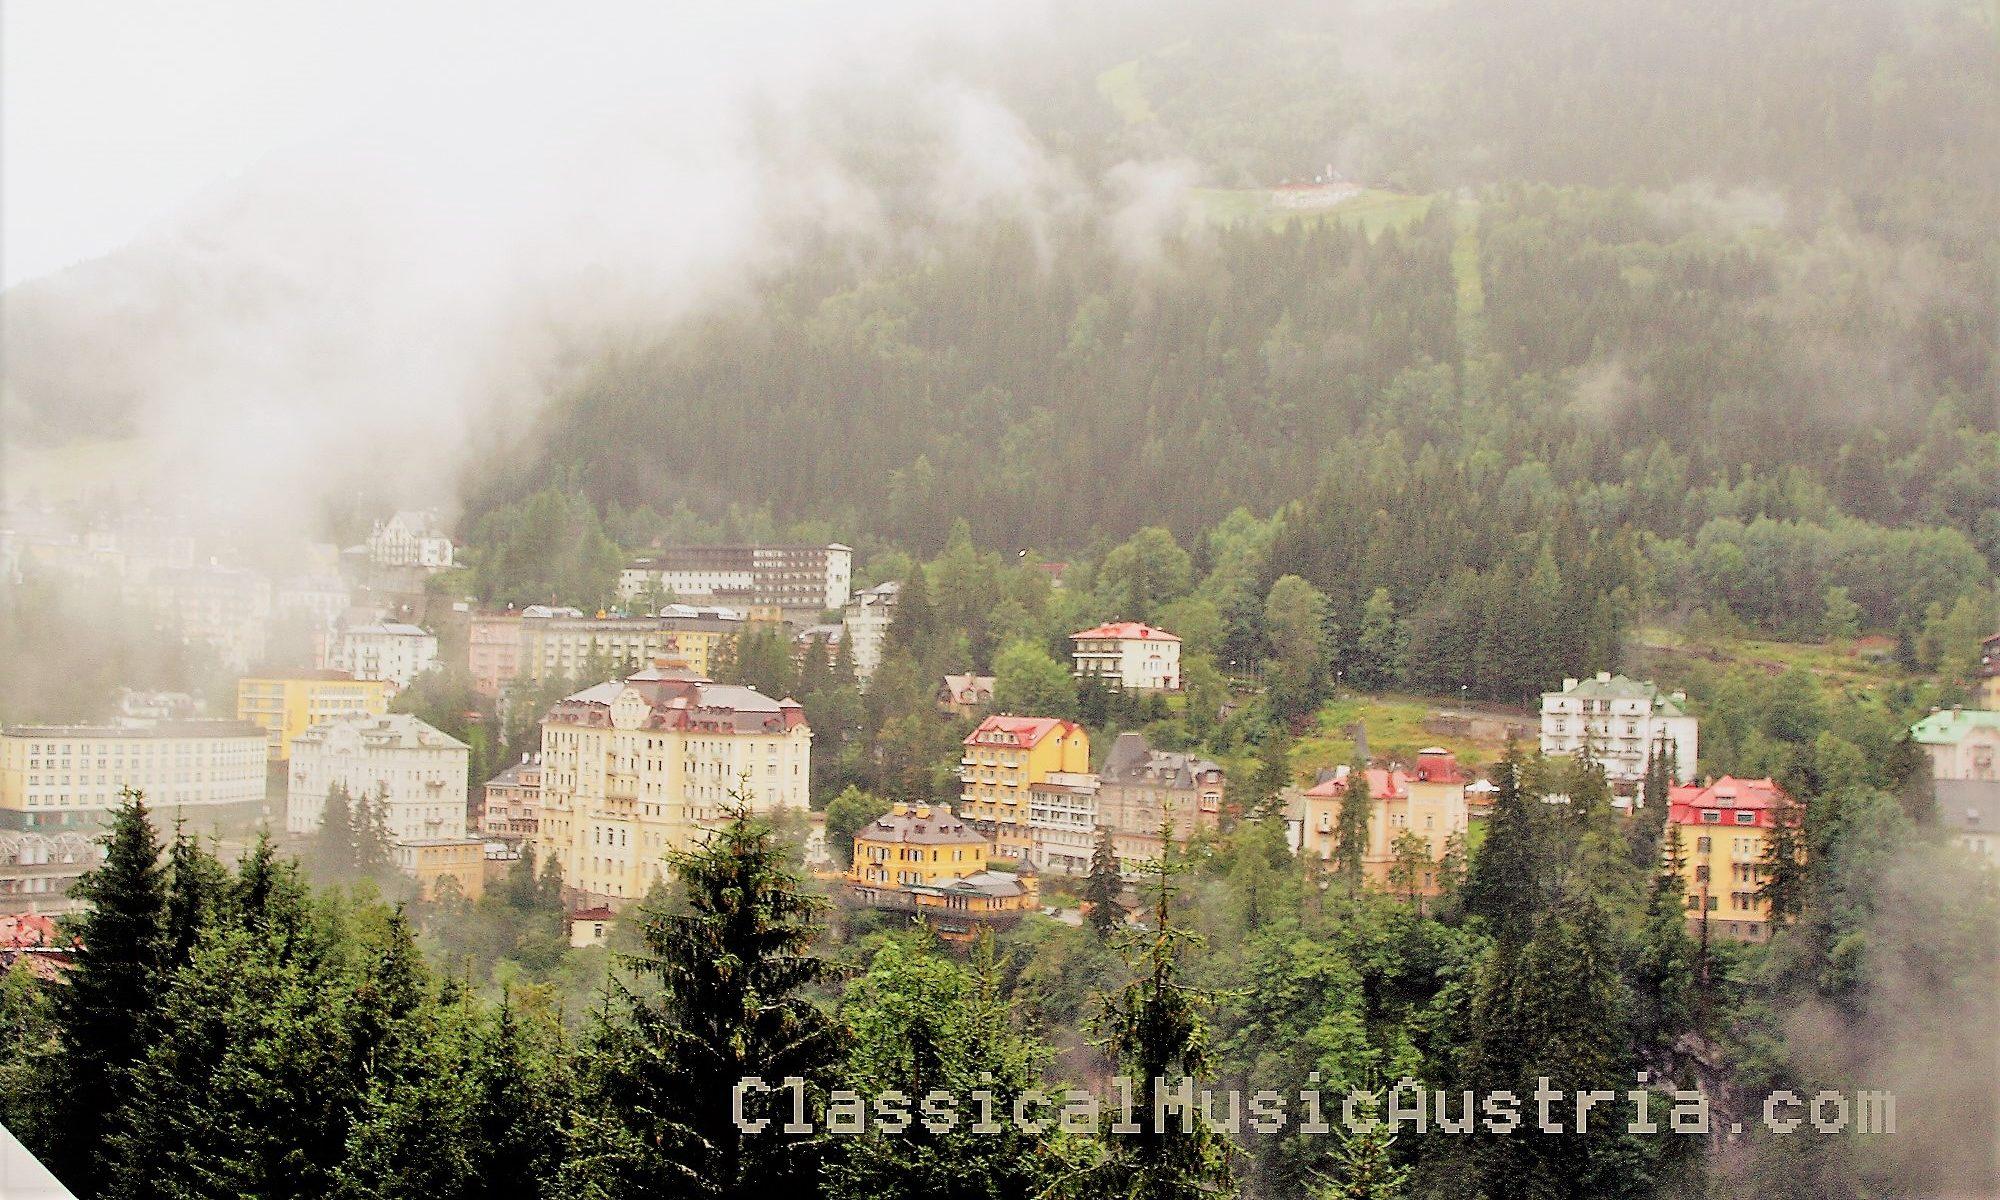 CLASSICAL MUSIC AUSTRIA